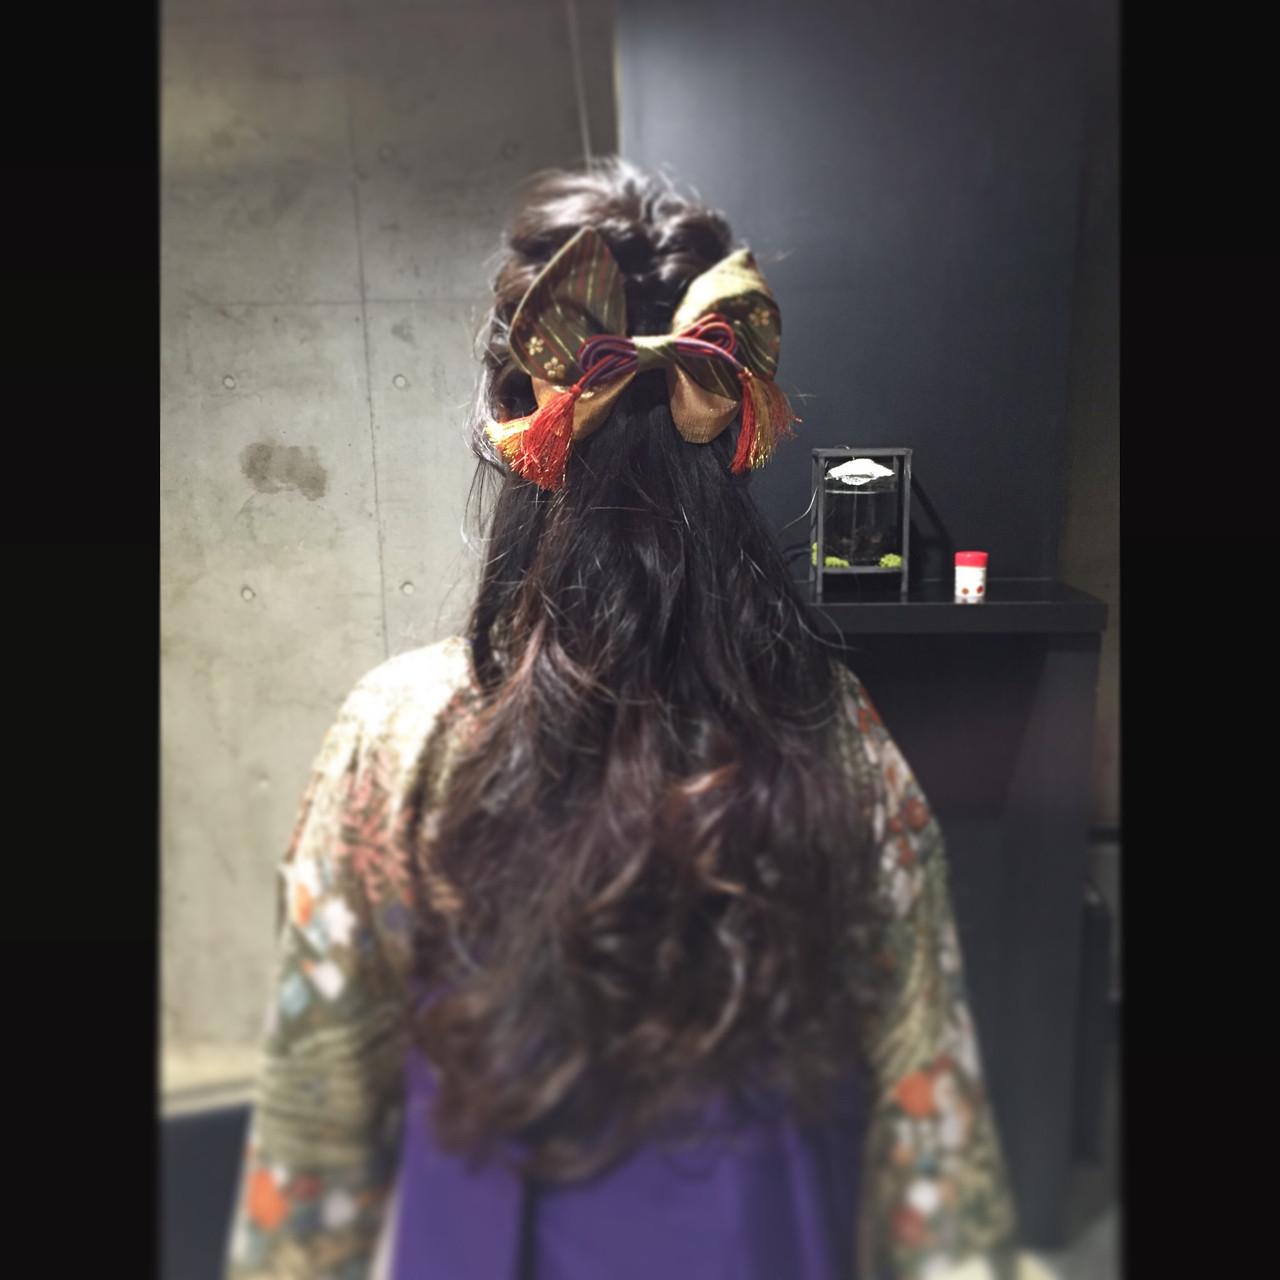 黒髪 ハーフアップ ロング グラデーションカラー ヘアスタイルや髪型の写真・画像 | 上山 裕貴 / Rollen Gleis